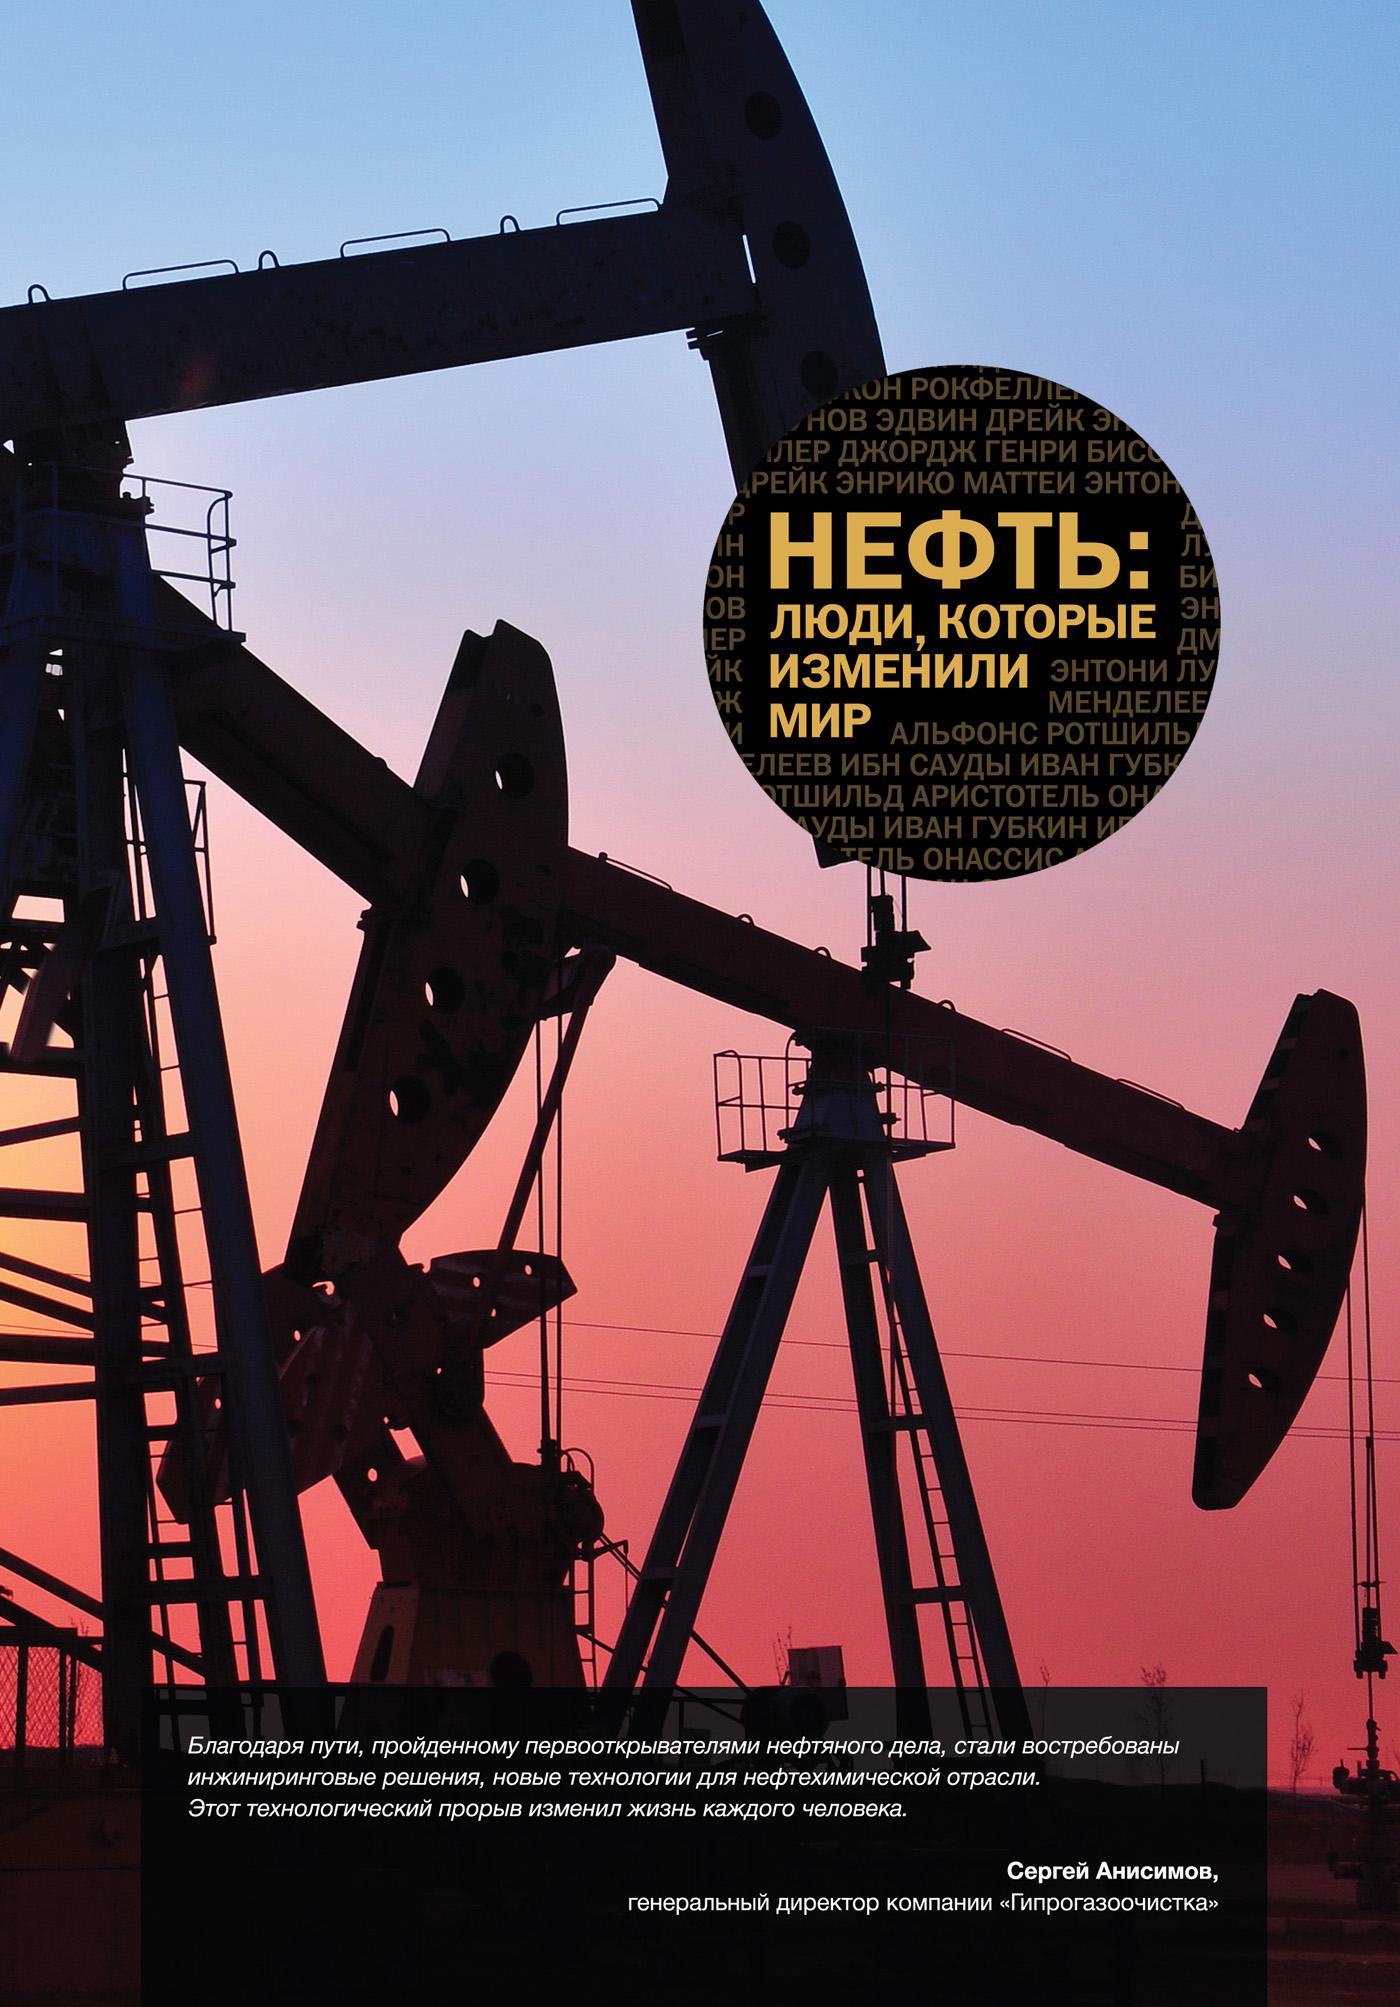 Сборник Нефть. Люди, которые изменили мир сонин к когда кончится нефть и другие уроки экономики